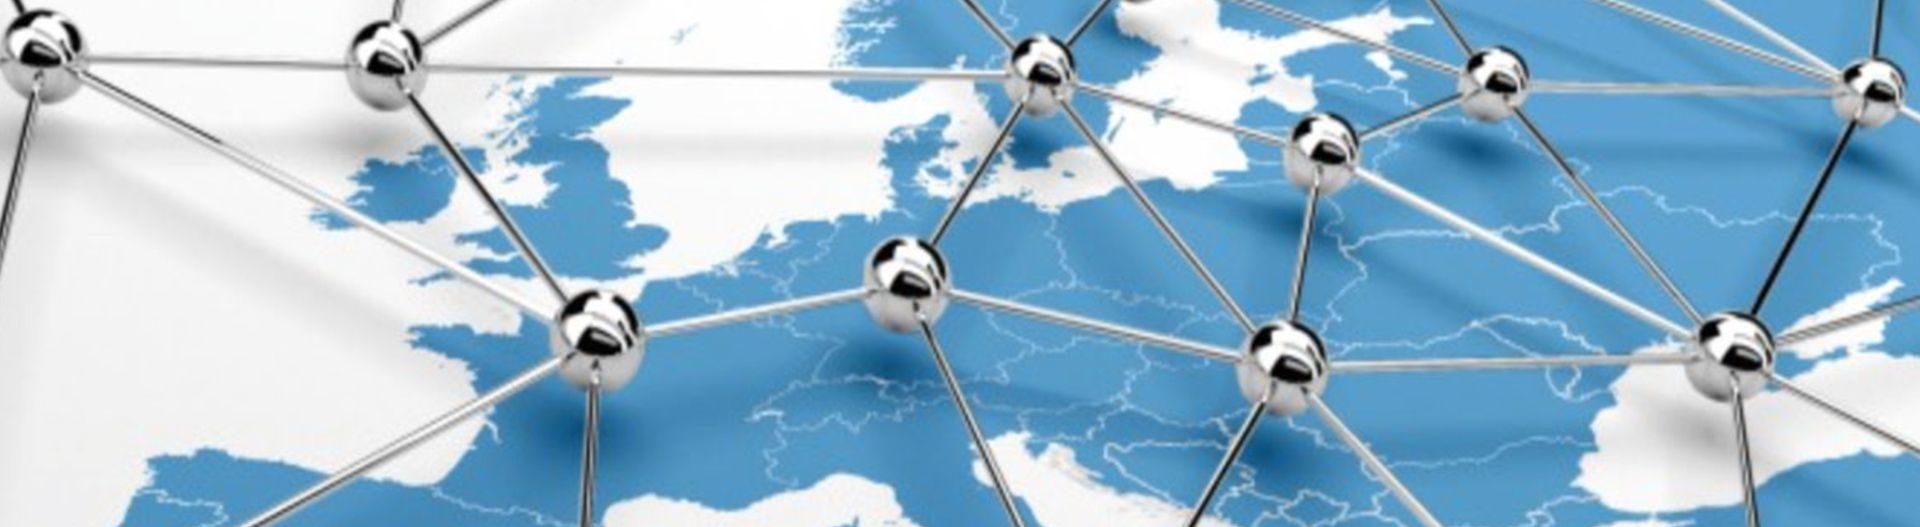 Réseau Européen : La réglementation en temps réel !